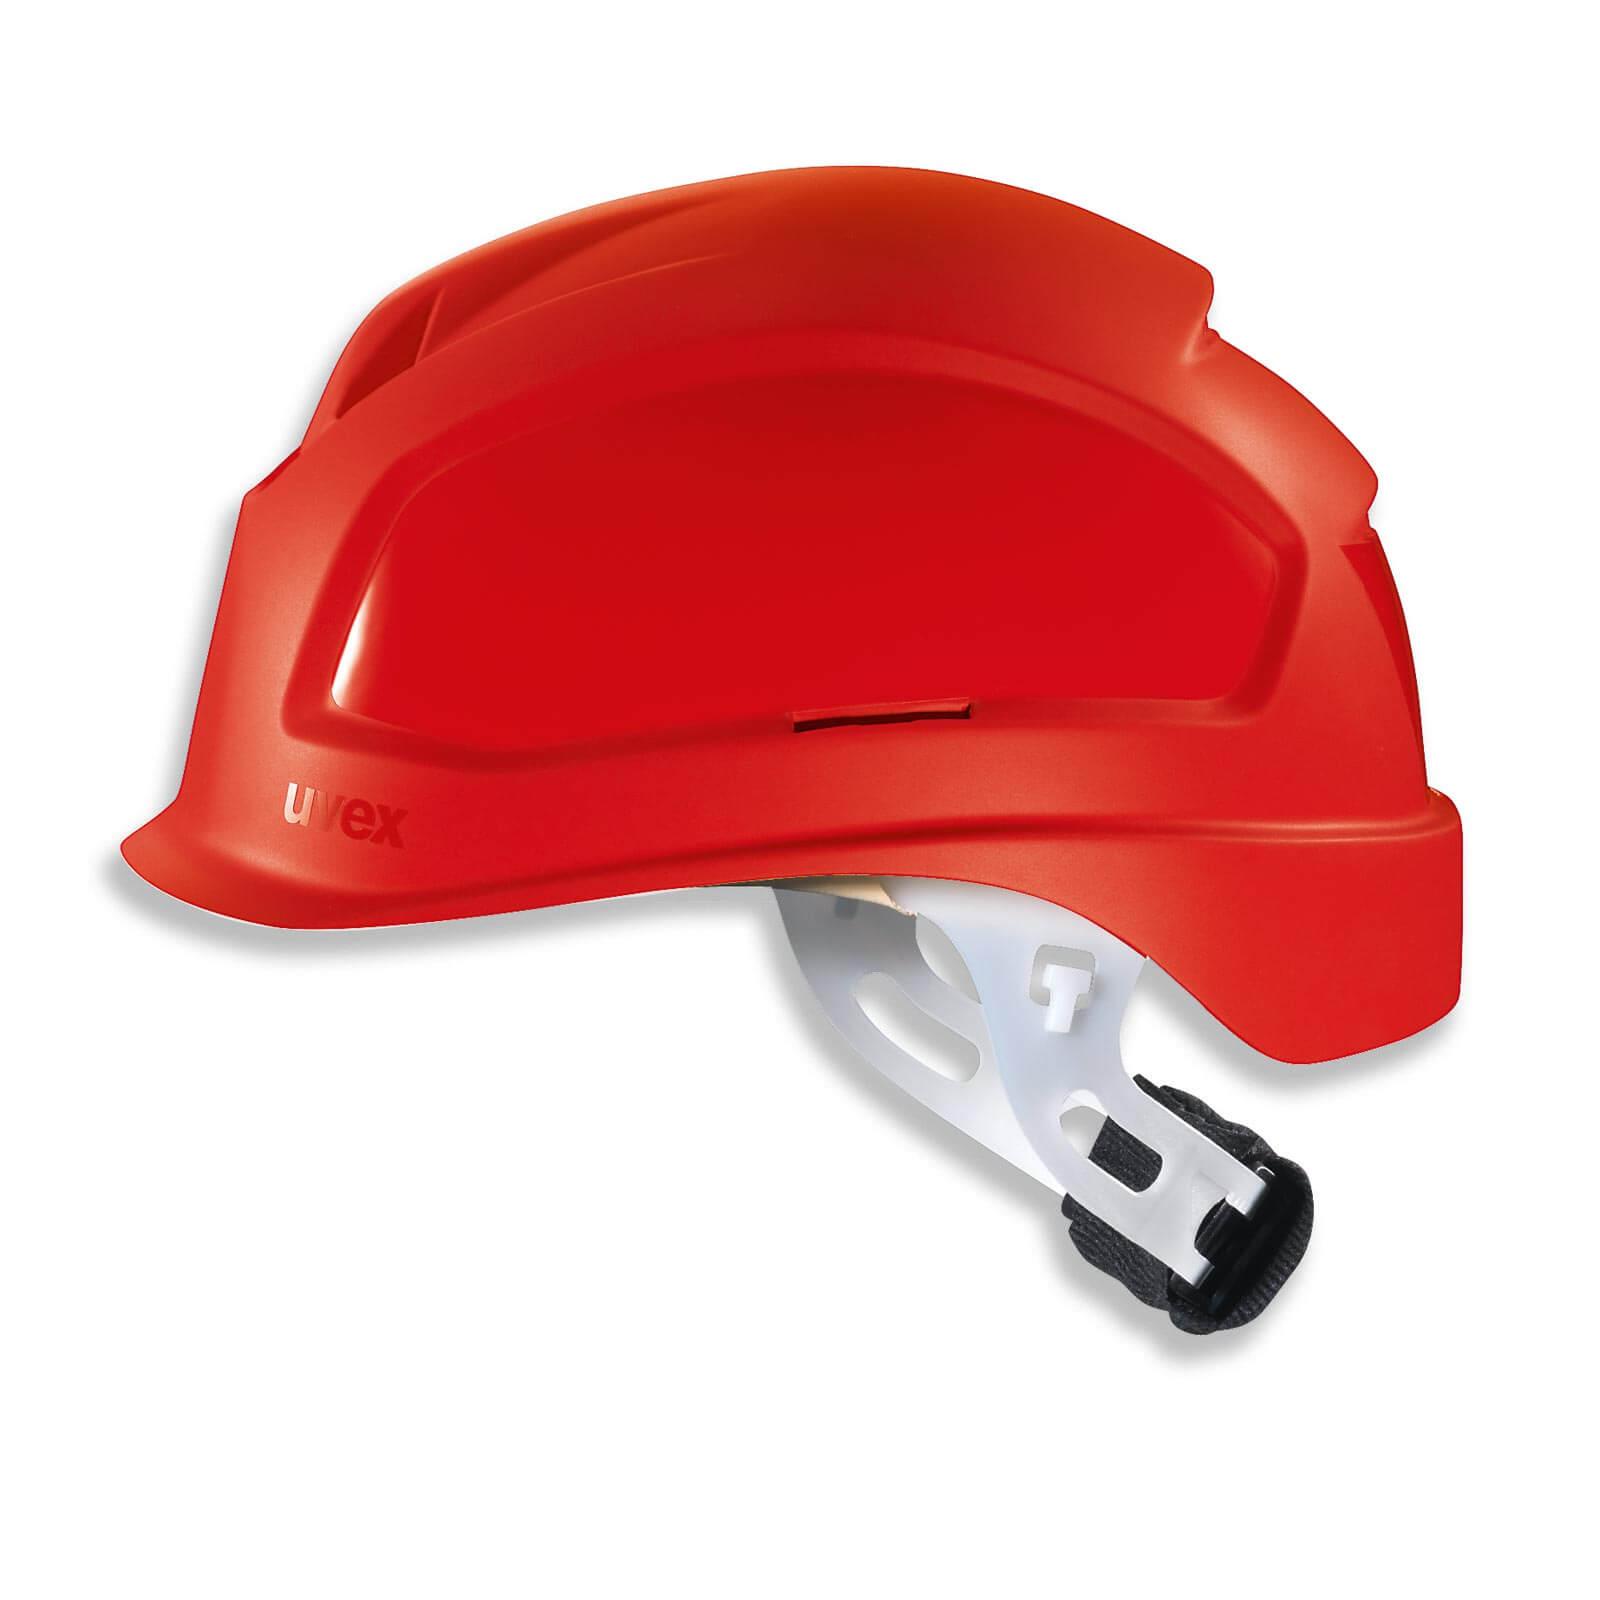 Bauhelm rot Arbeitshelm Helm Bauarbeiterhelm Schutzhelm Kopfschutz 53-61 cm